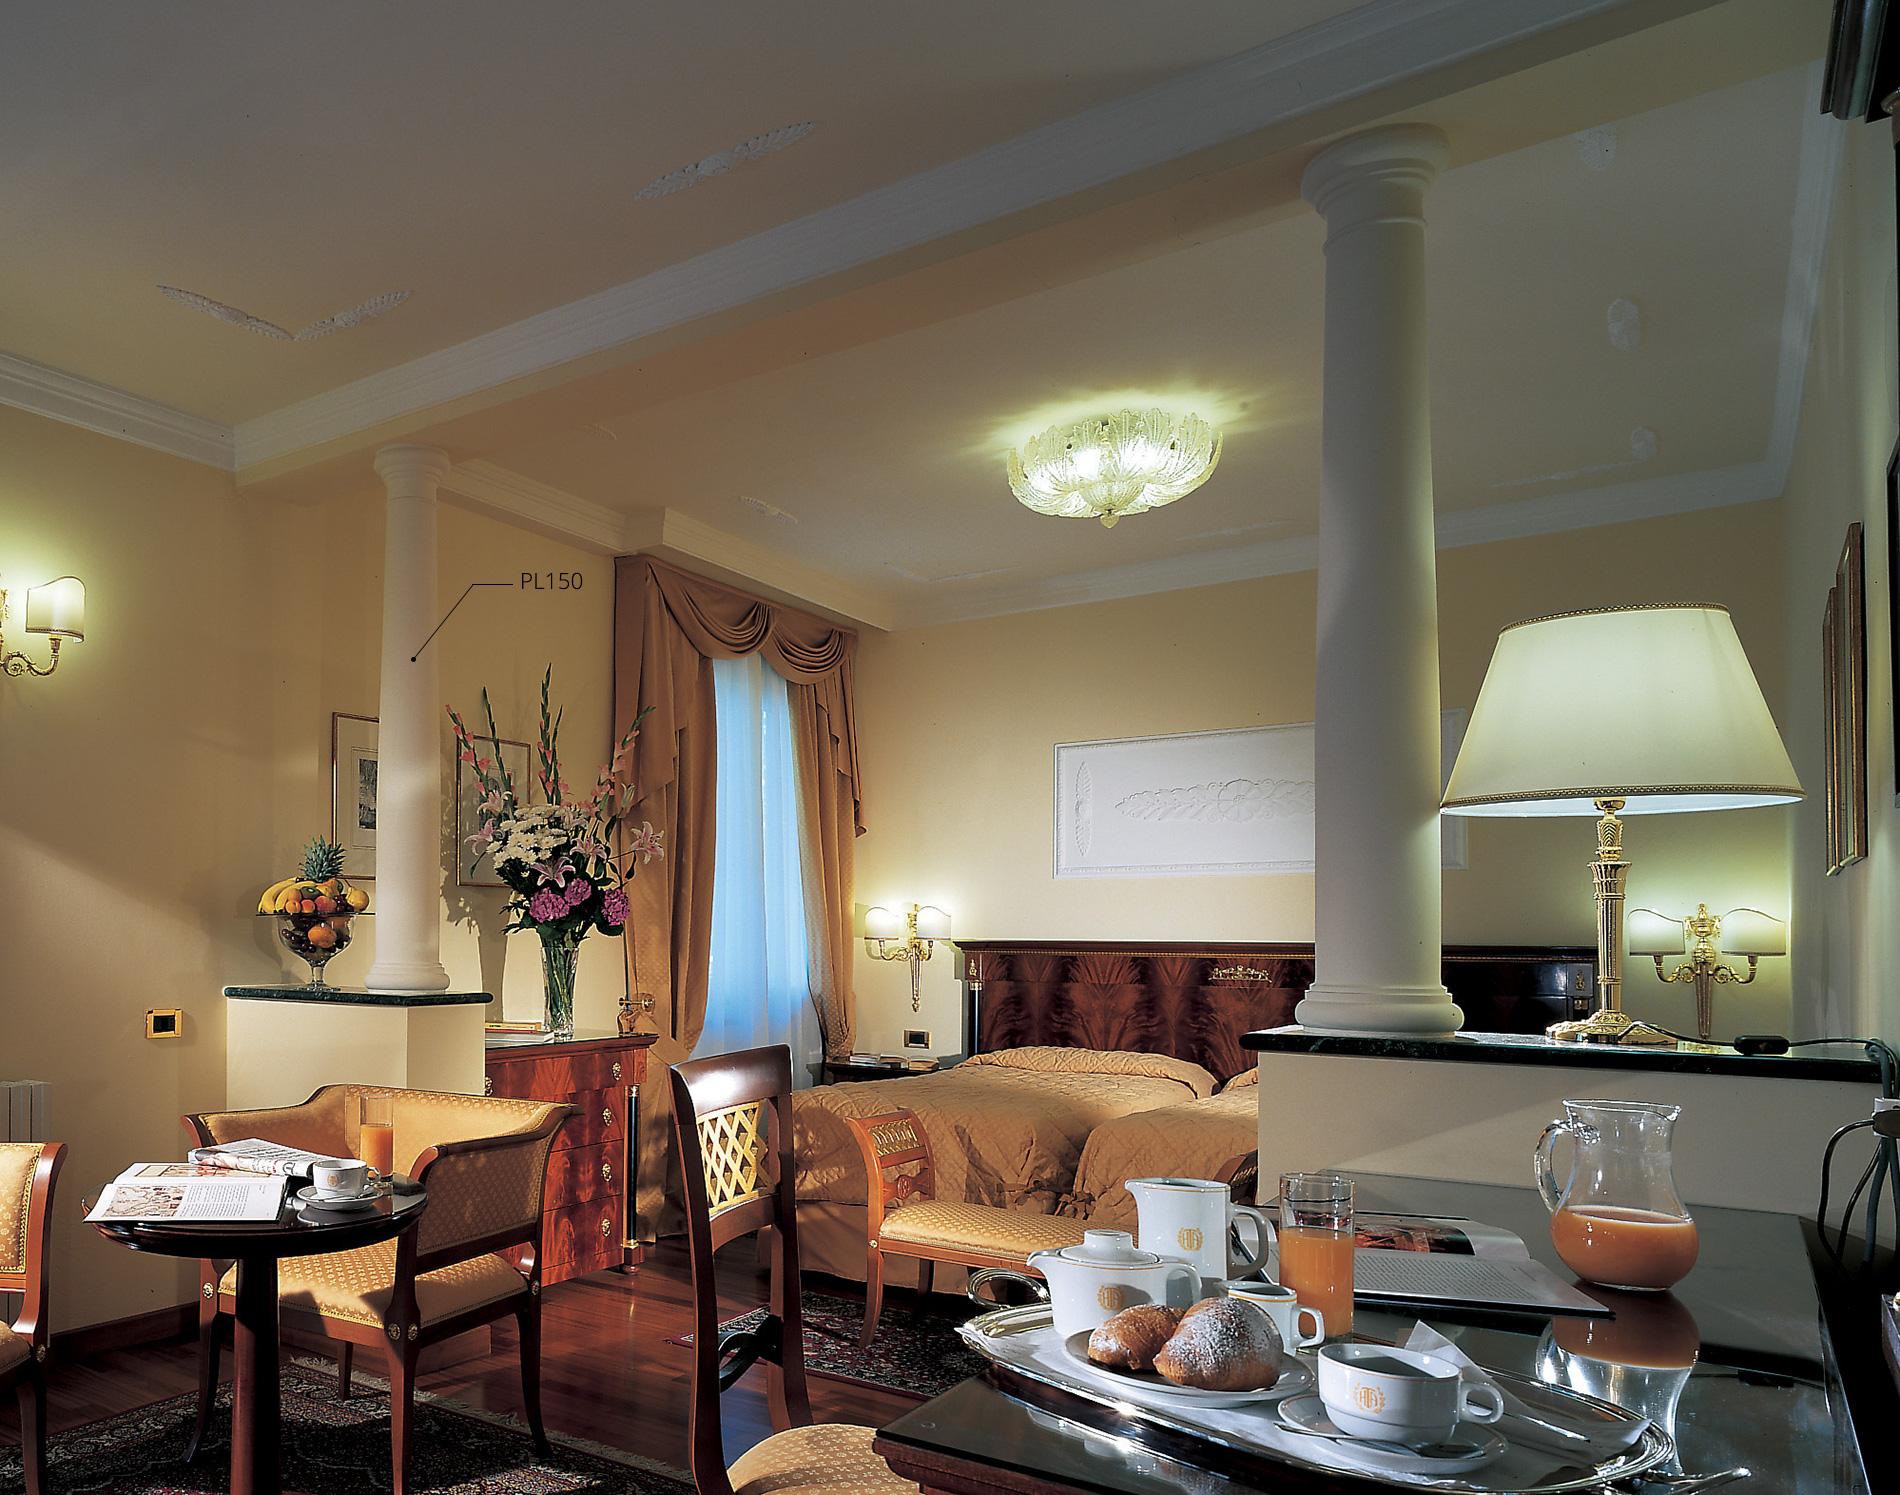 Arredo interni moderno awesome arredamento interni for Arredamento lussuoso